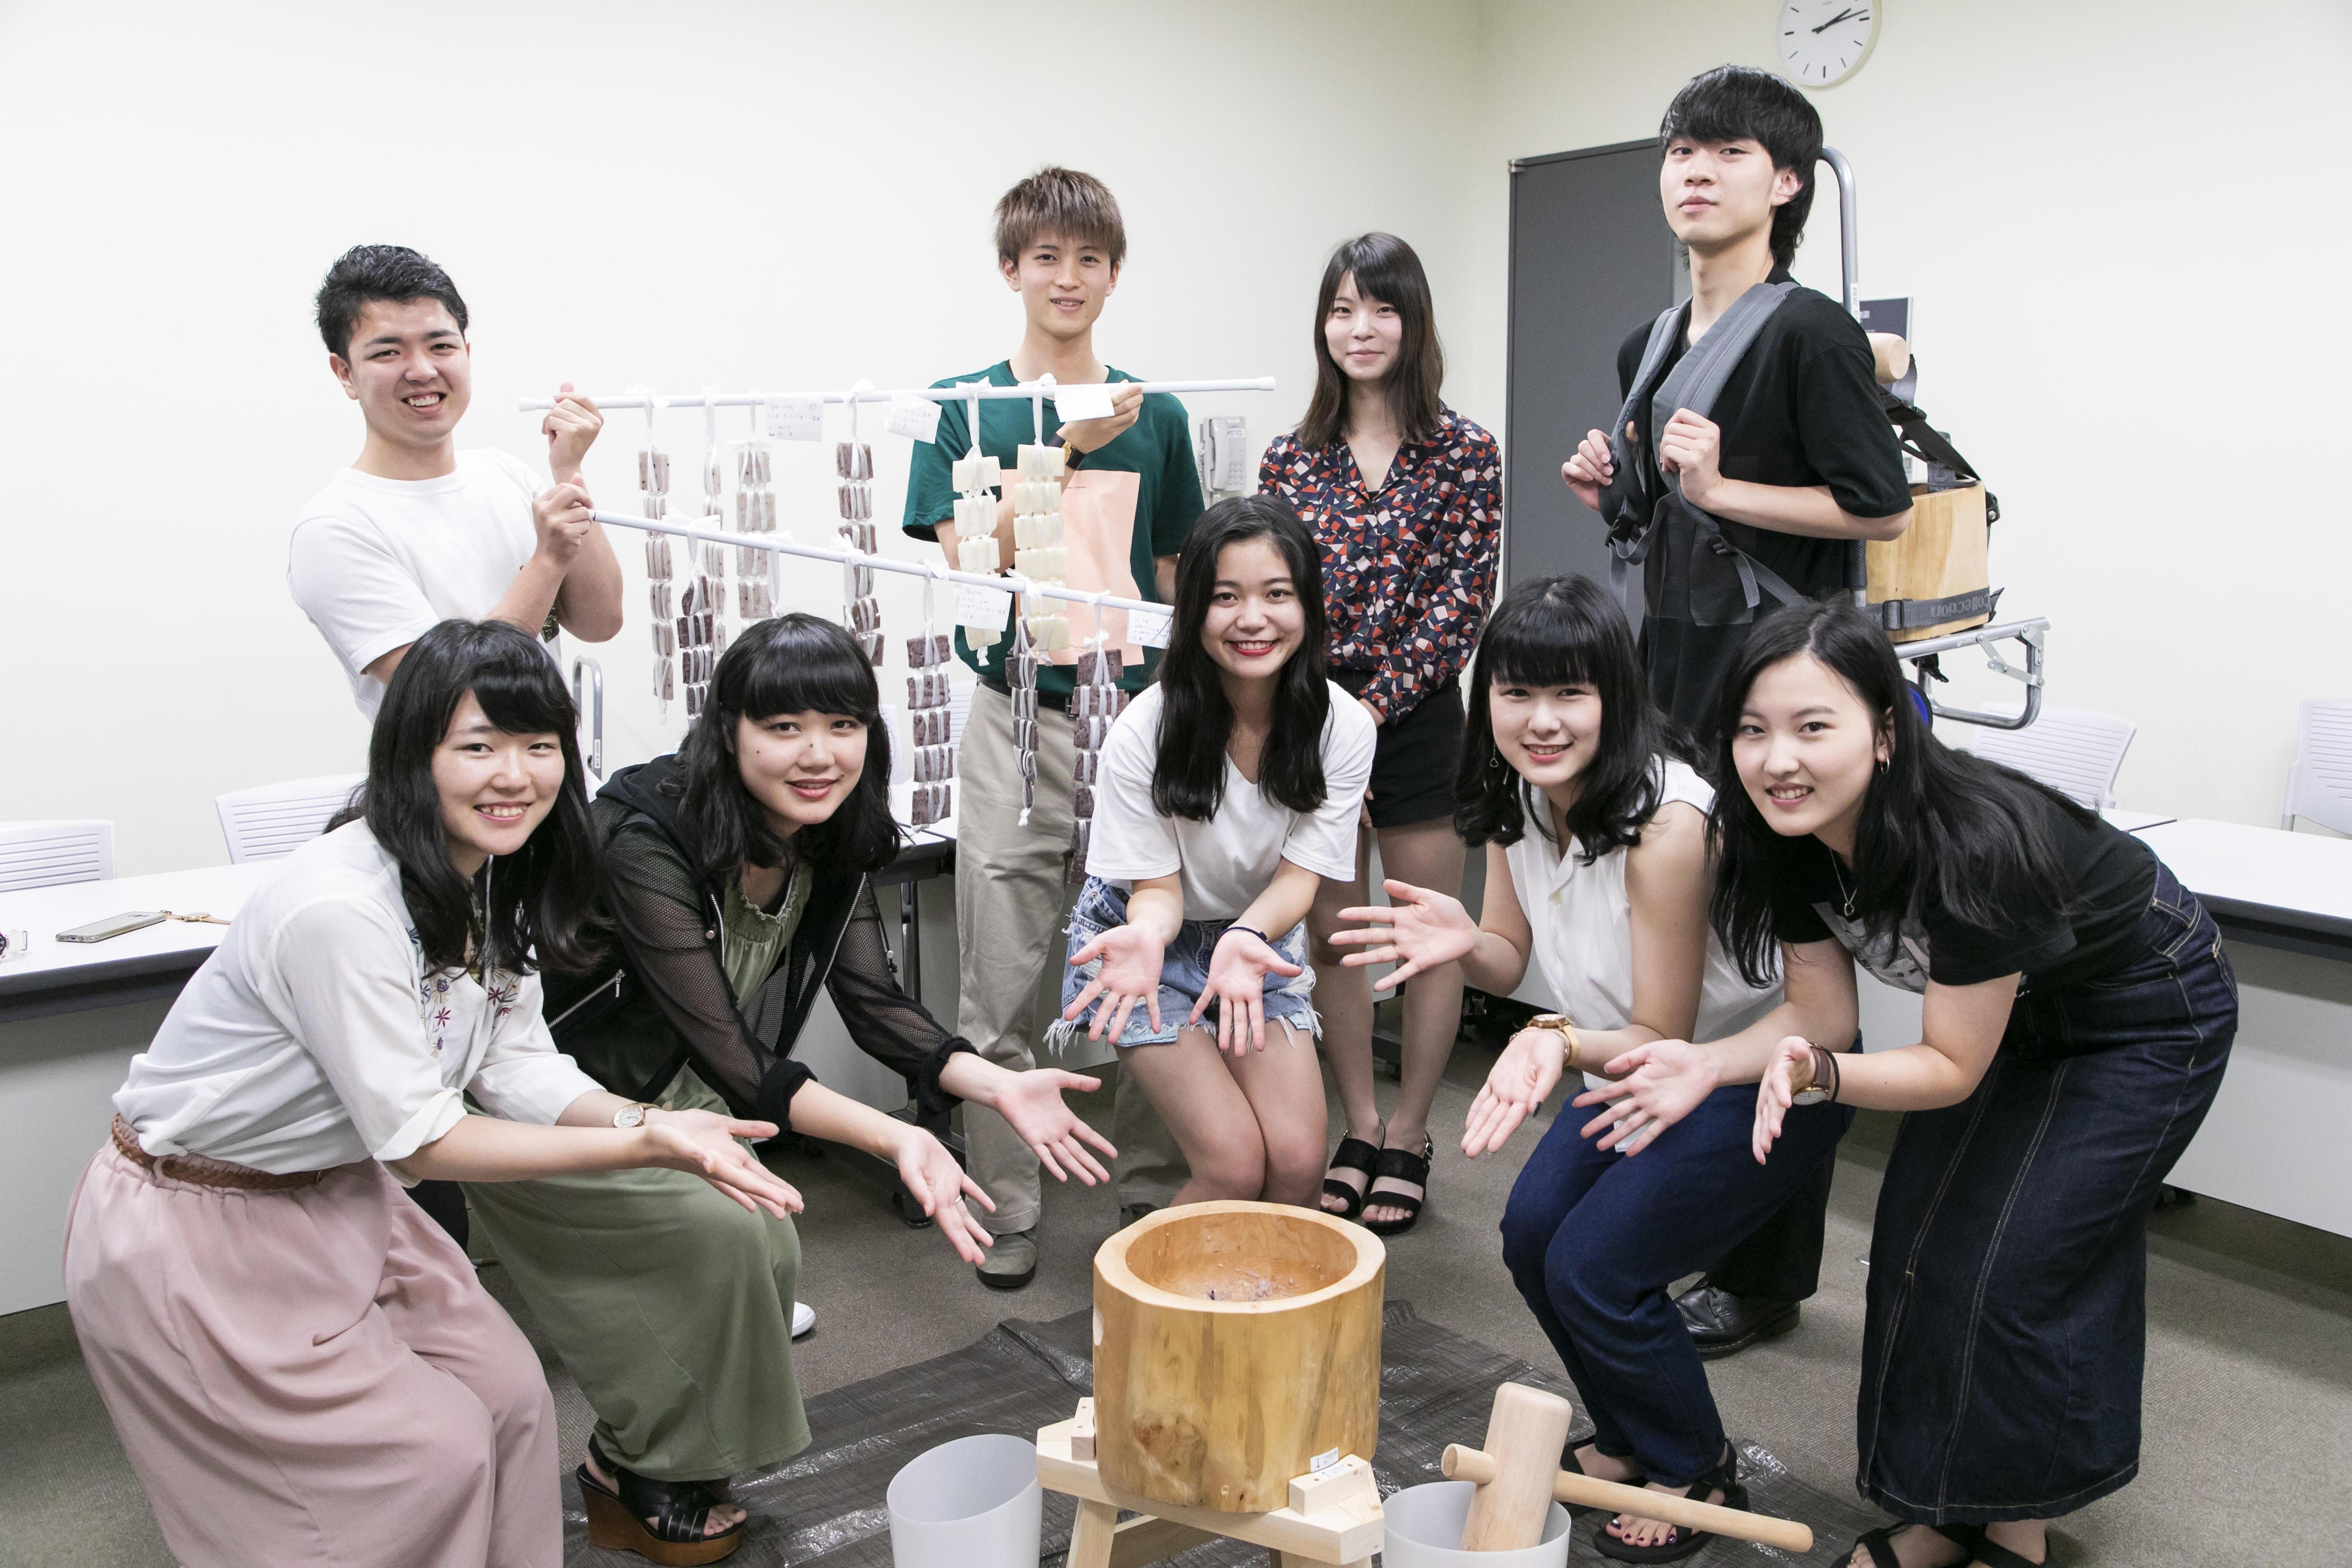 拓殖大学 茂木ゼミナール「餅」プロジェクトinモンゴル 餅作り体験・試食会・会見のご案内